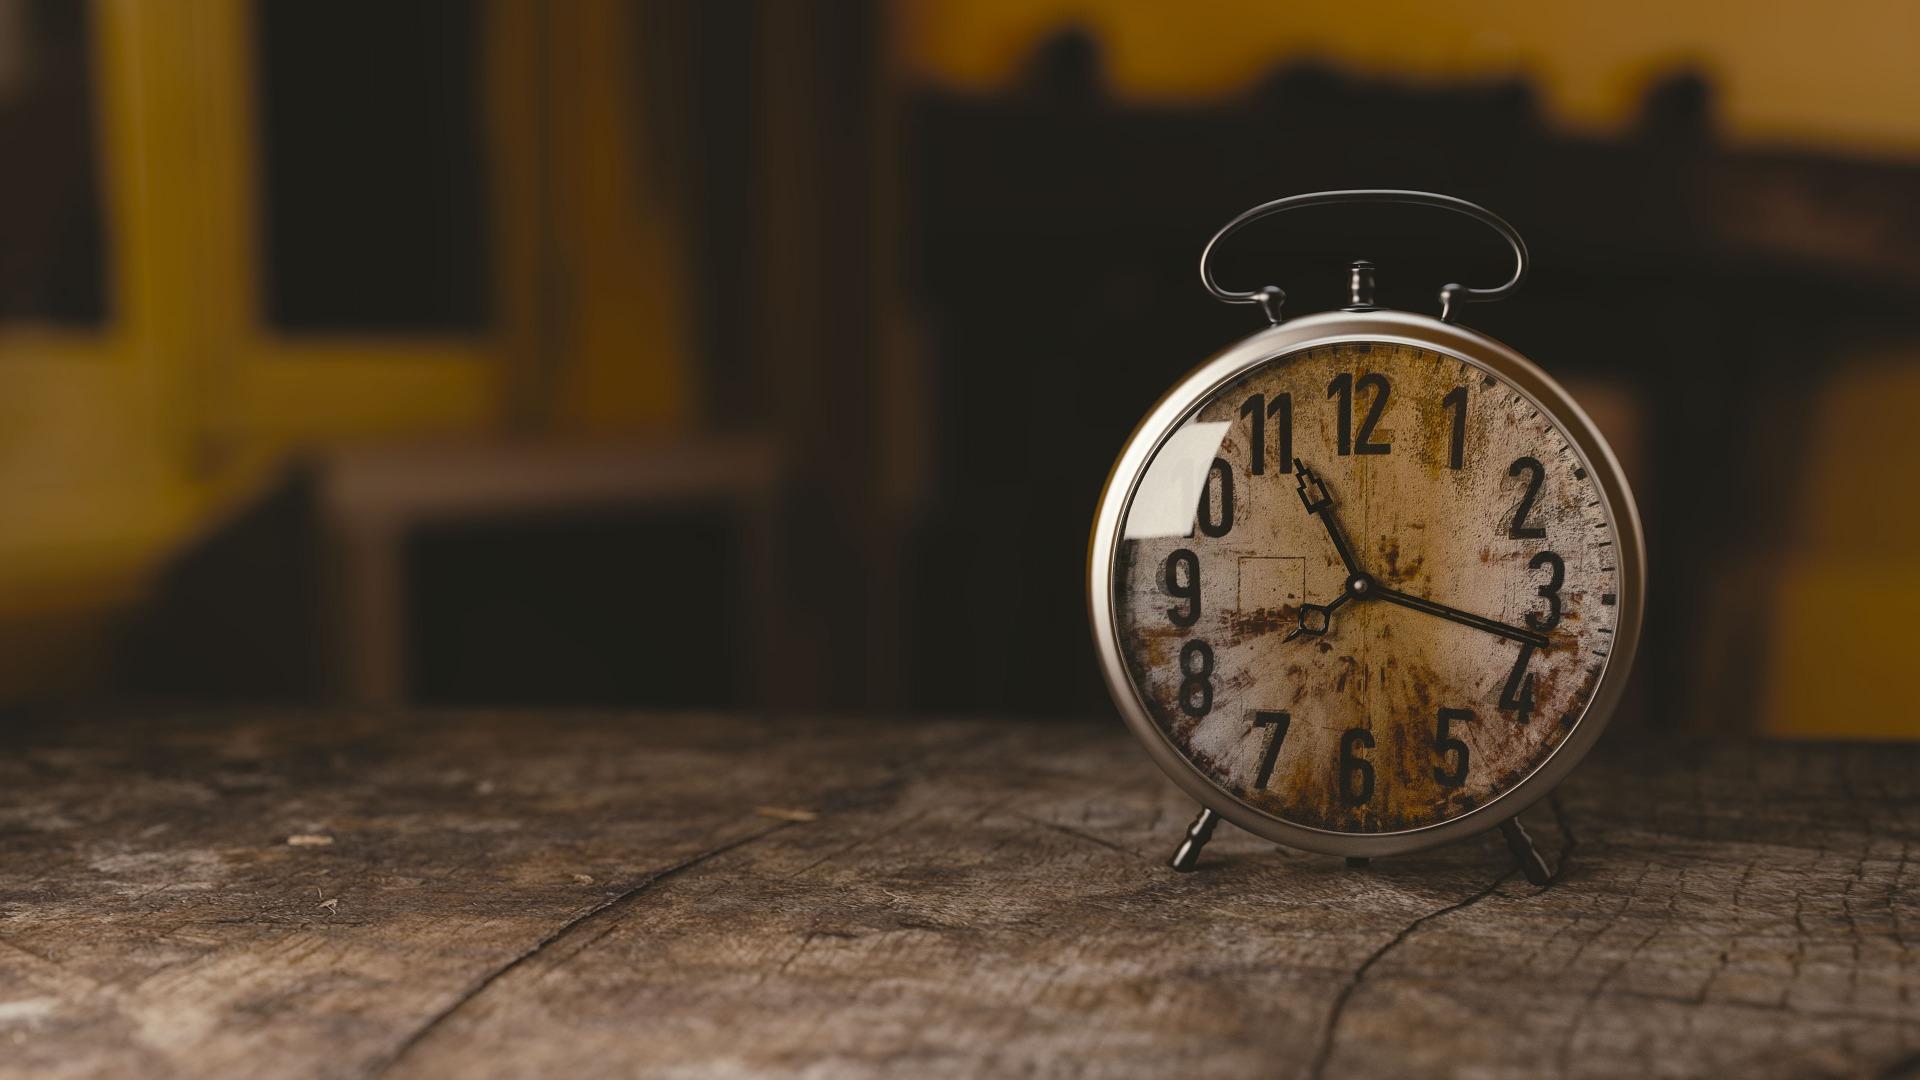 Orologio, tiempo, sveglia, horatempontage - Sfondi HD - Professor-falken.com